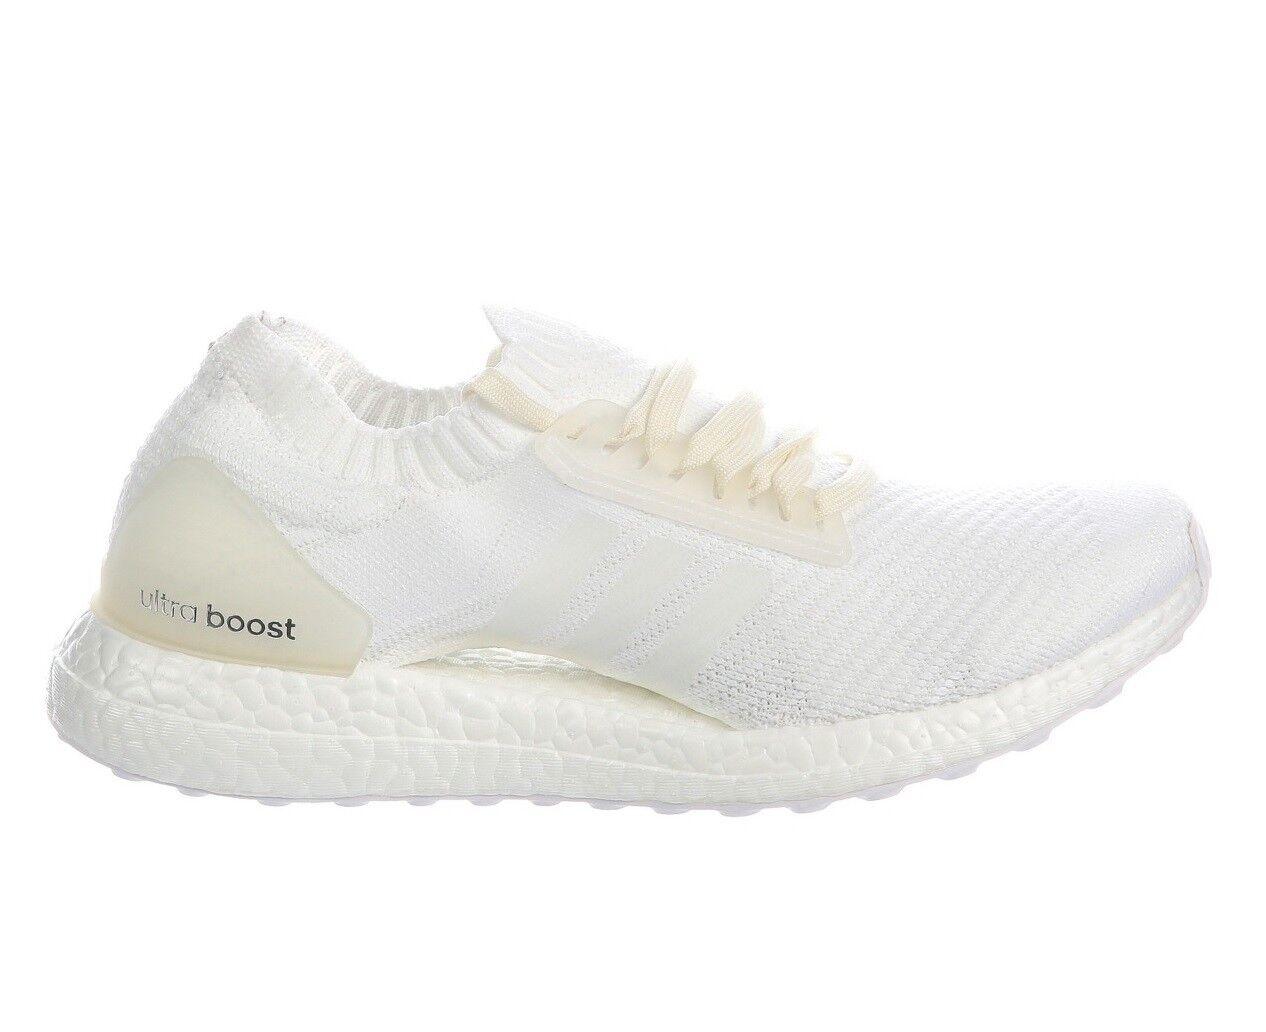 26ba2063d58 Adidas Ultra Boost X Undye Womens BB6159 BB6159 BB6159 Nondye Primeknit  Running Shoes Size 6.5 d80030